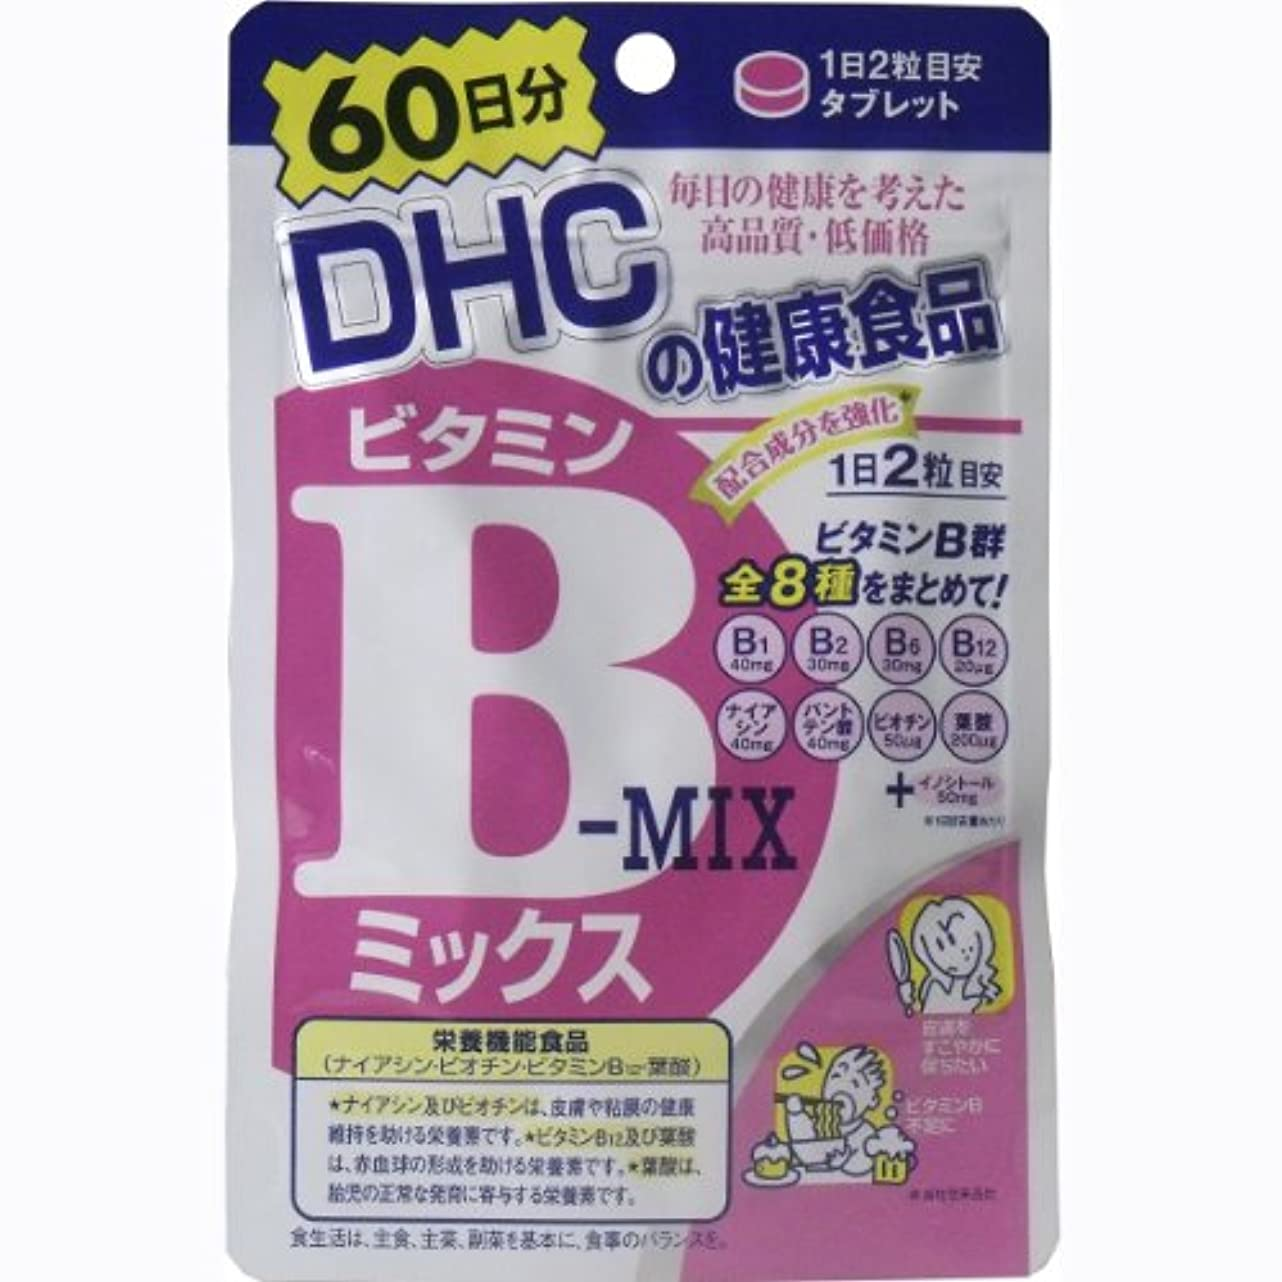 マーベルリットル滴下DHC ビタミンBミックス 120粒 60日分「4点セット」